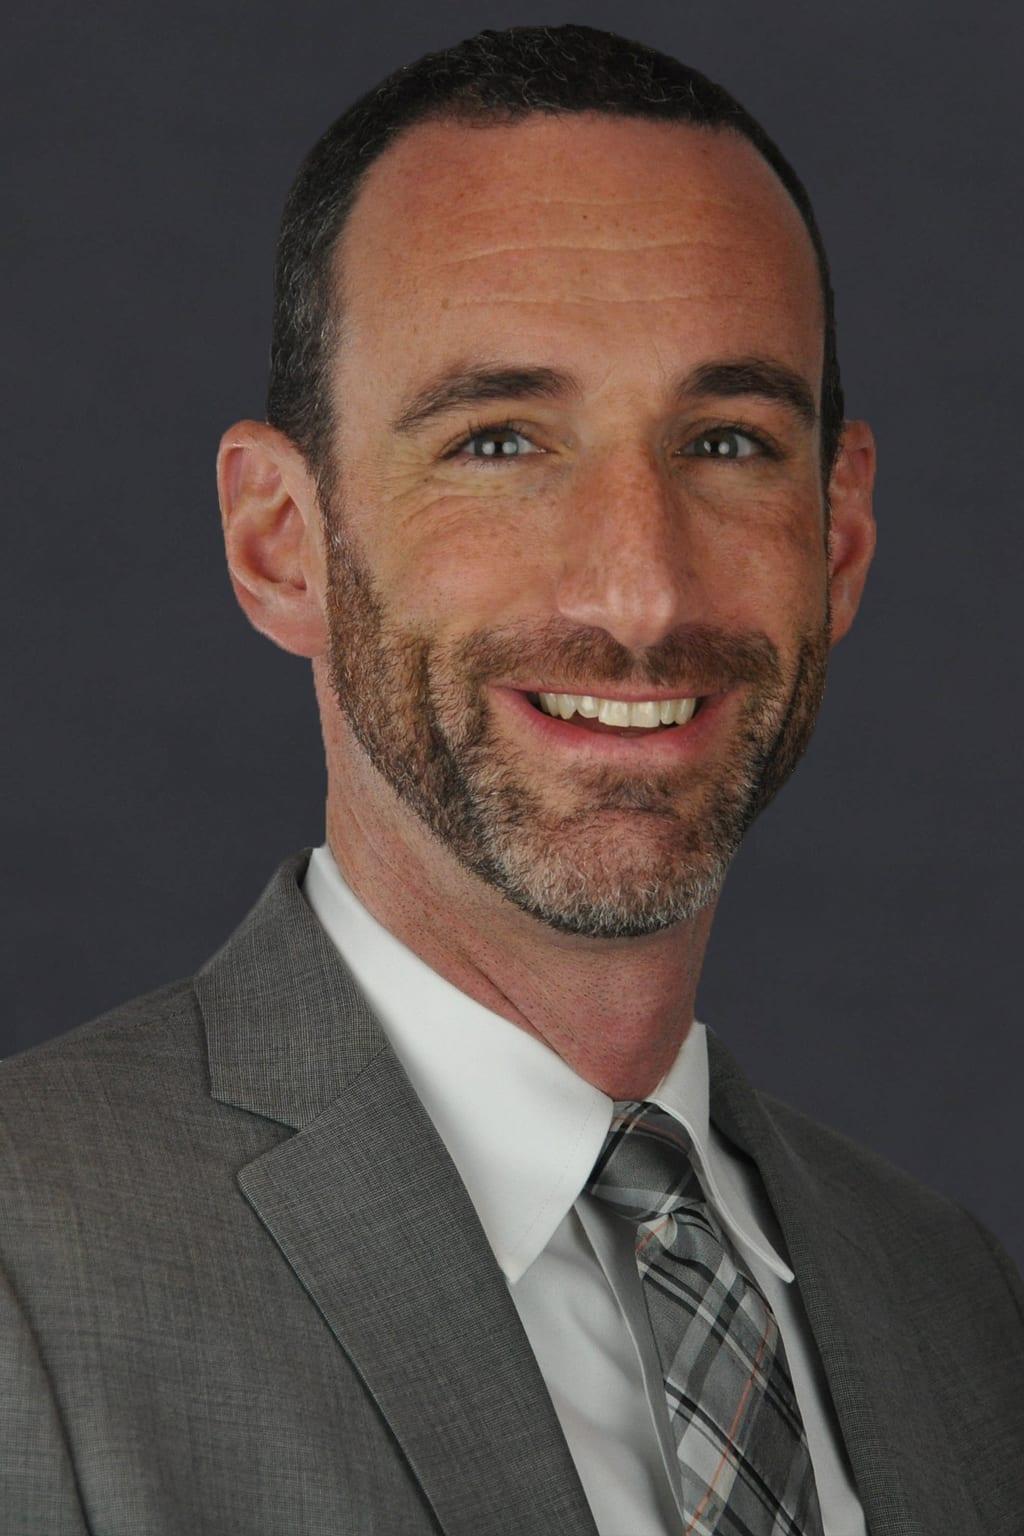 Jeffrey D. Lehrman, DPM